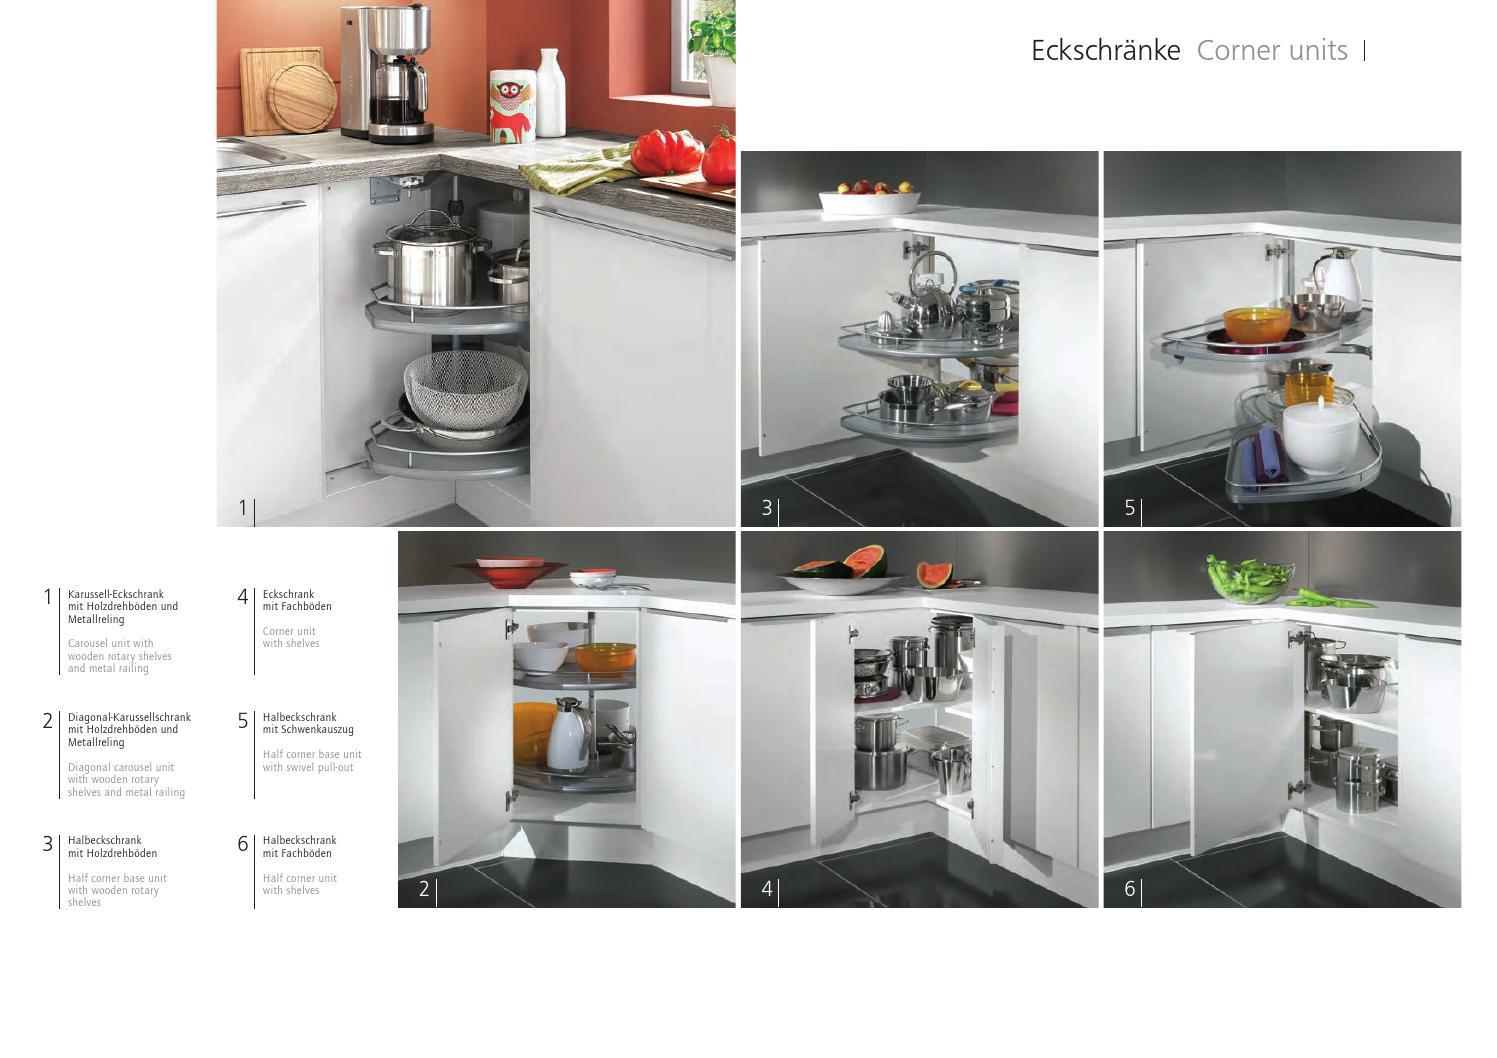 Full Size of Nobilia Eckschrank Kuche Schlafzimmer Bad Küche Einbauküche Wohnzimmer Nobilia Eckschrank